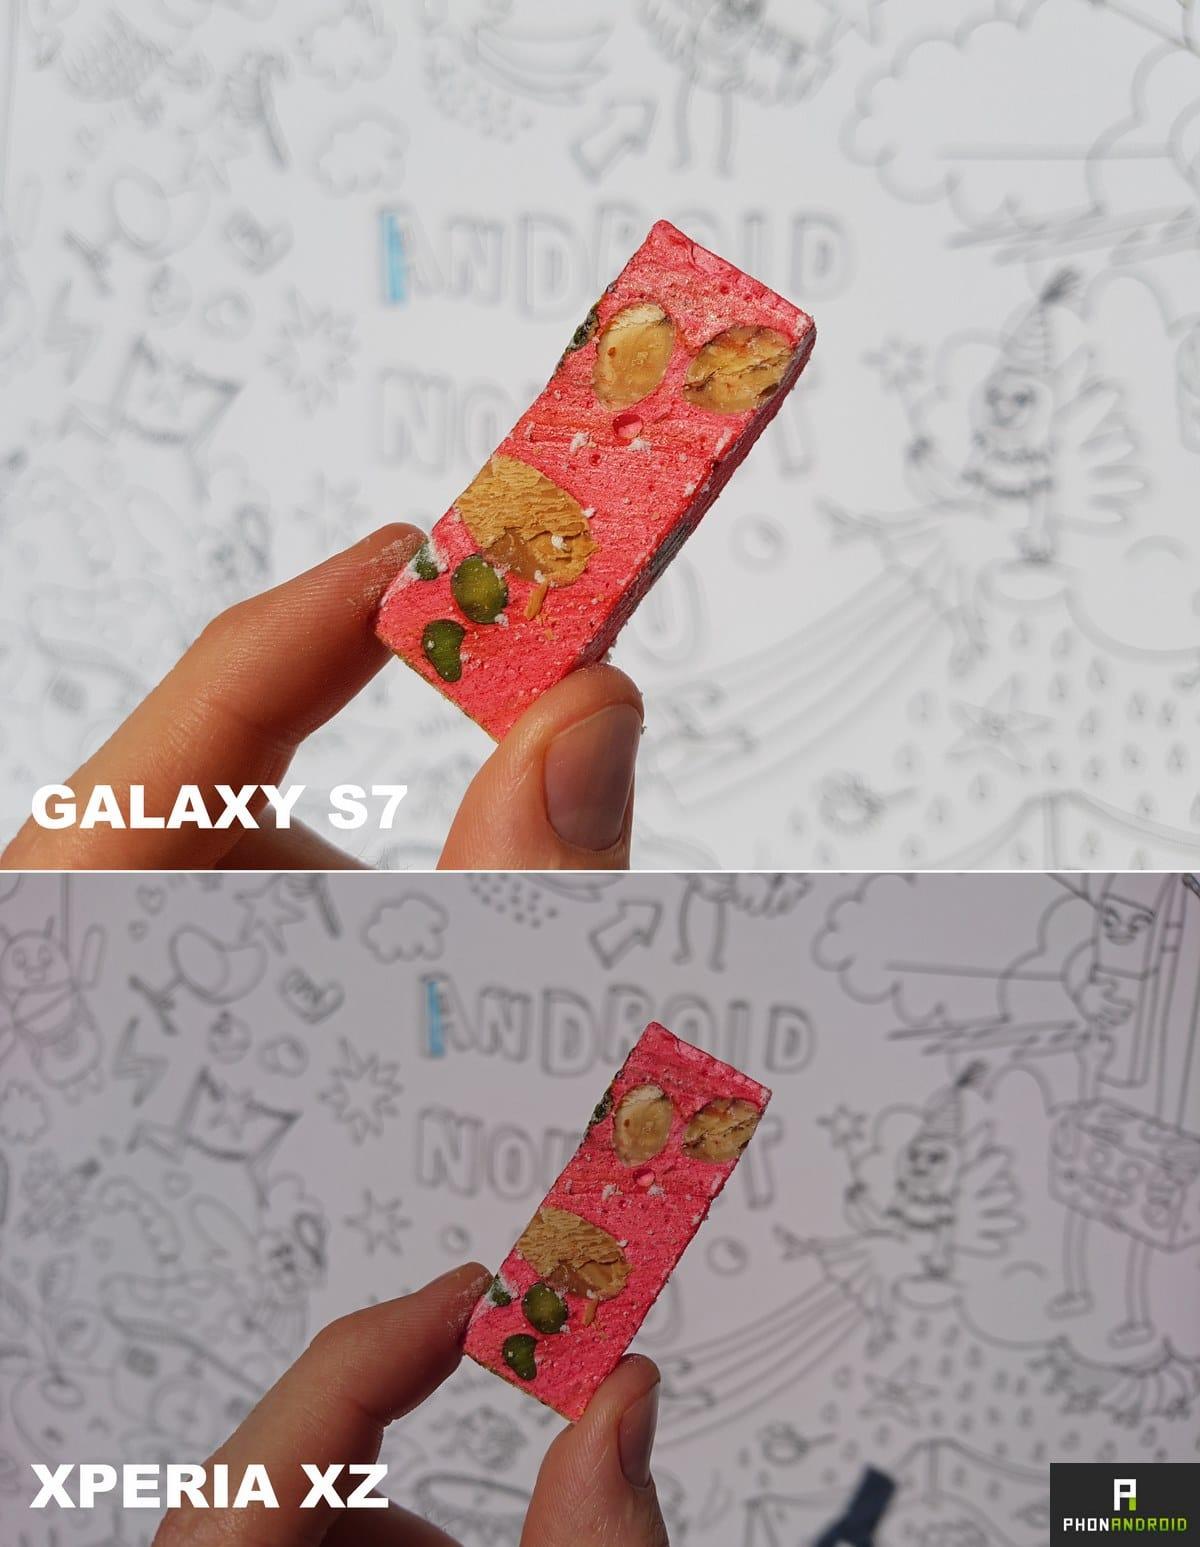 photo galaxy s7 xperia xz